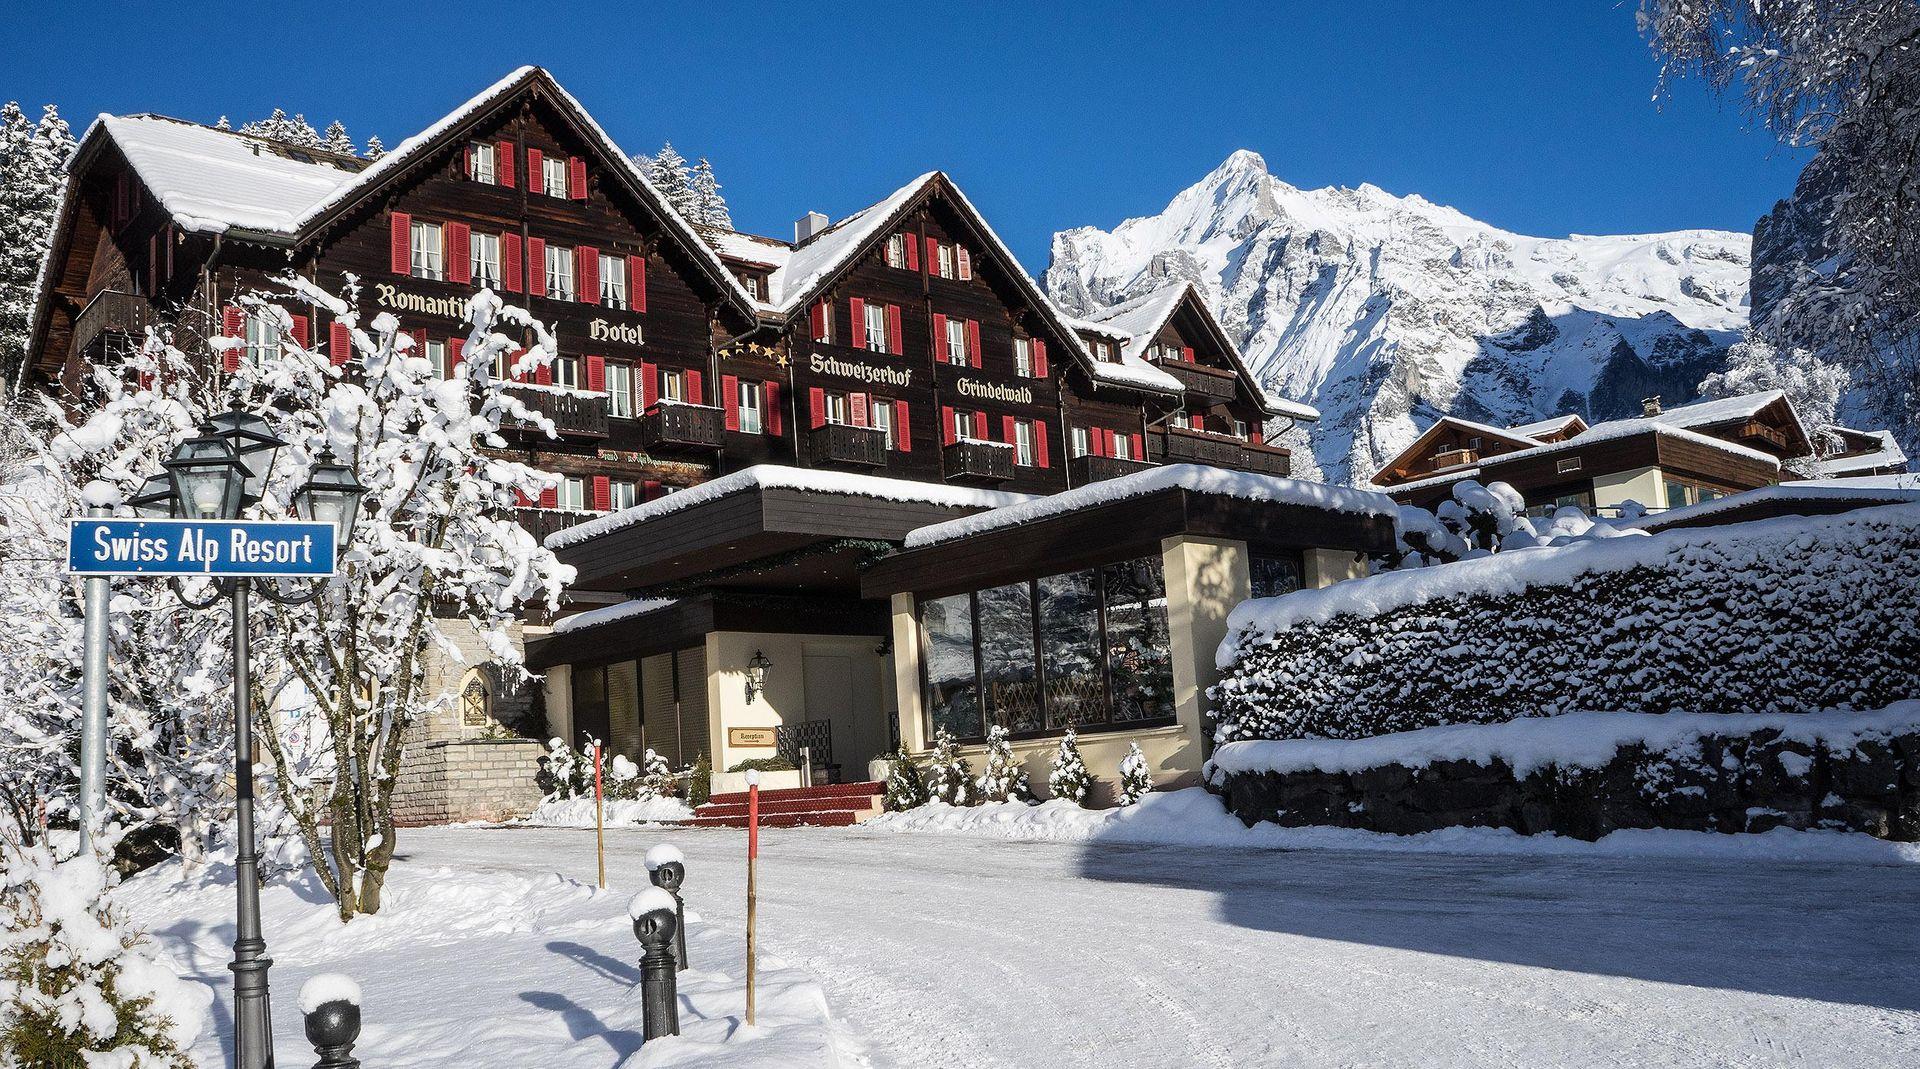 Romantik Hotel Schweiz...